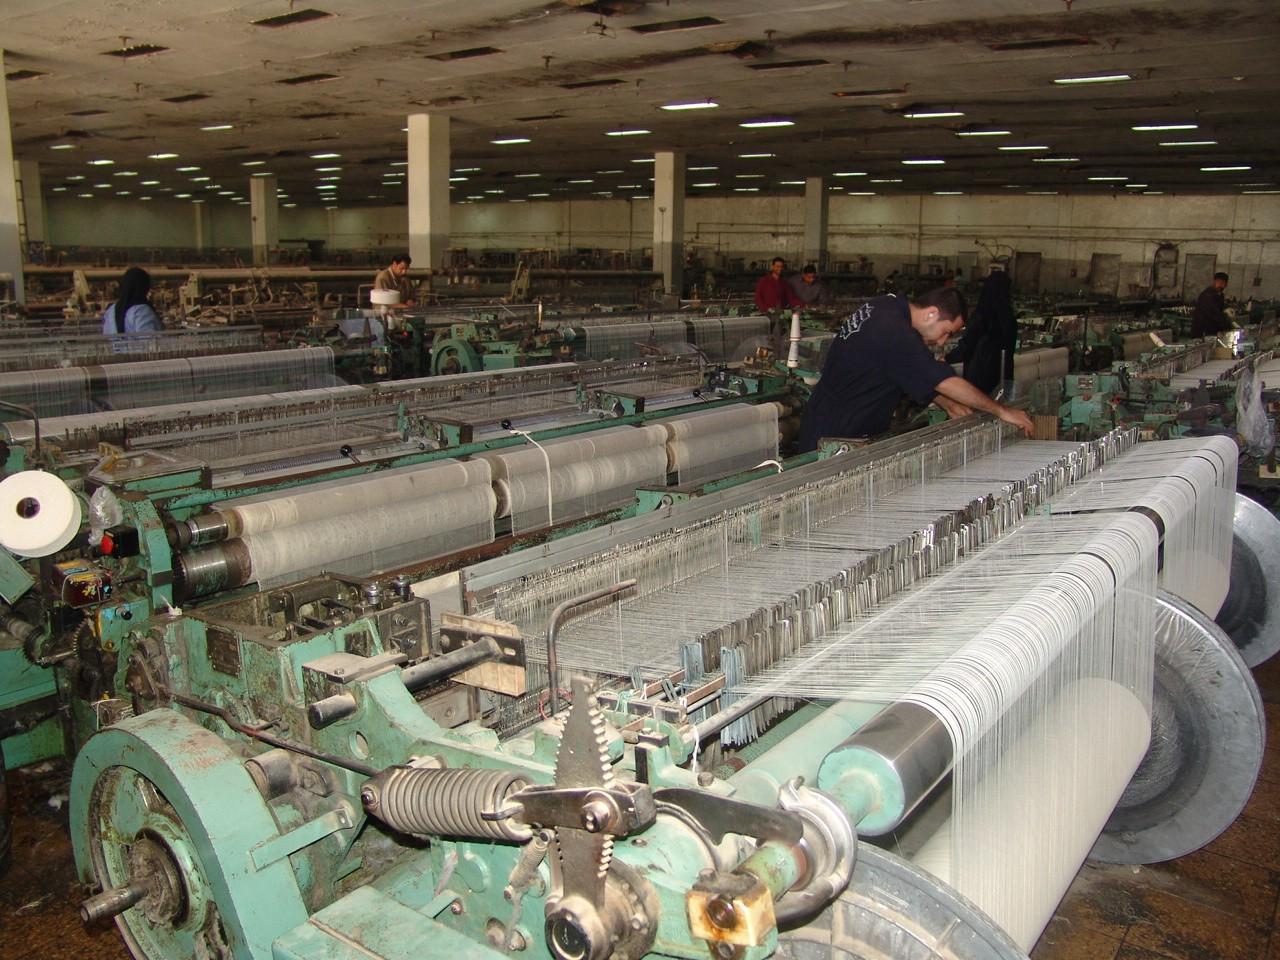 23 ألف عامل تركوا عملهم في وزارة الصناعة